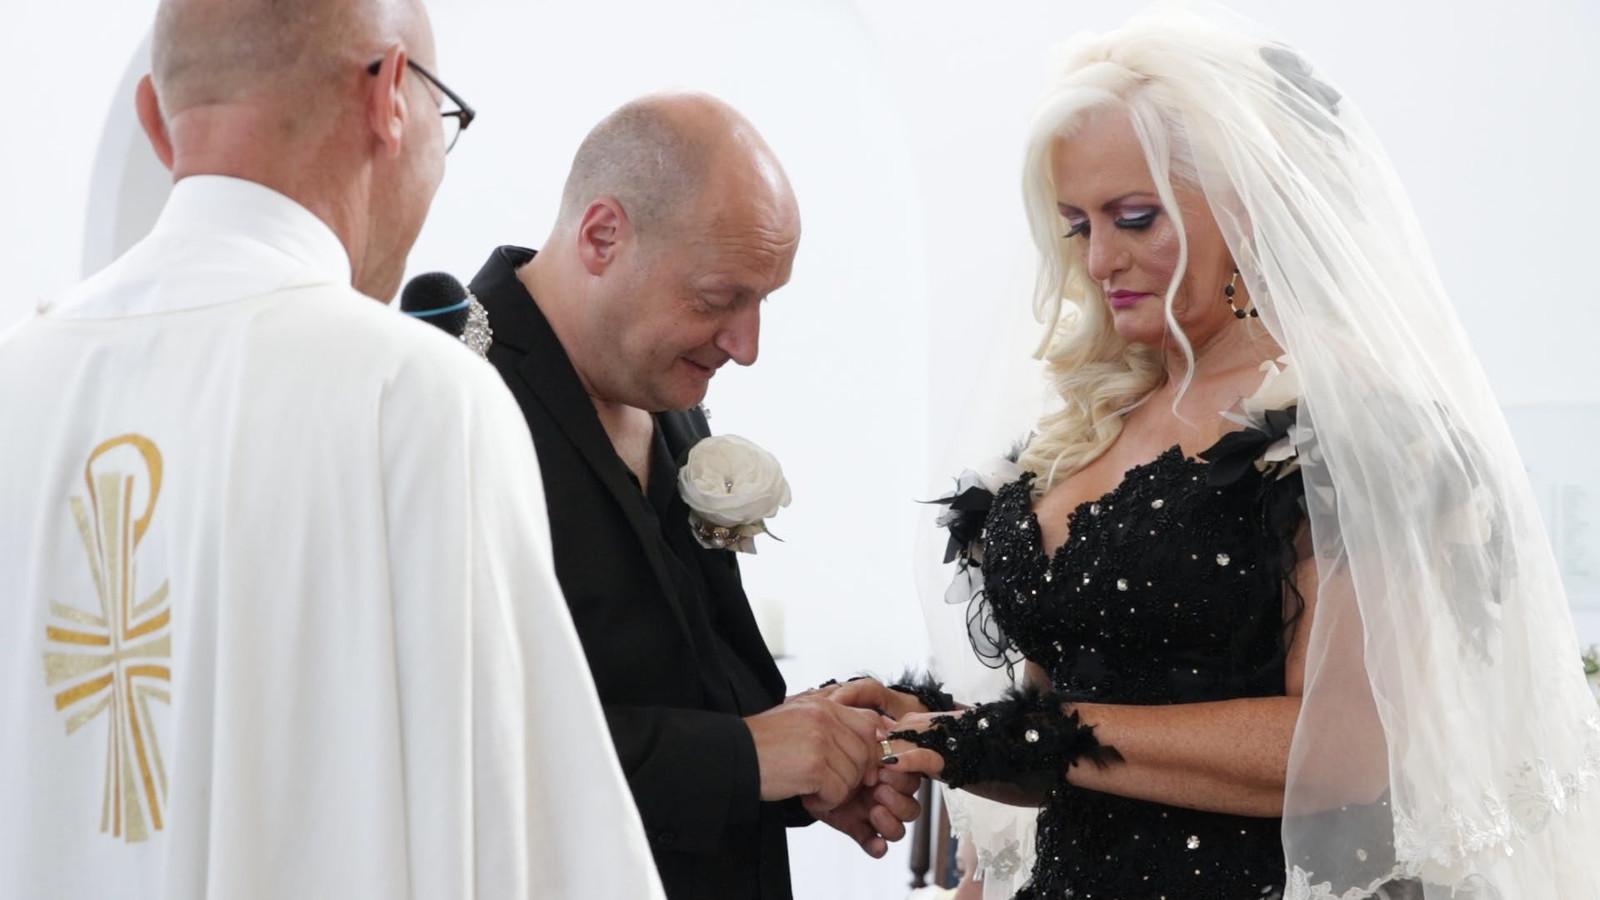 Transgender Jo-enny is op vrijdag 30 augustus getrouwd met haar Ad.